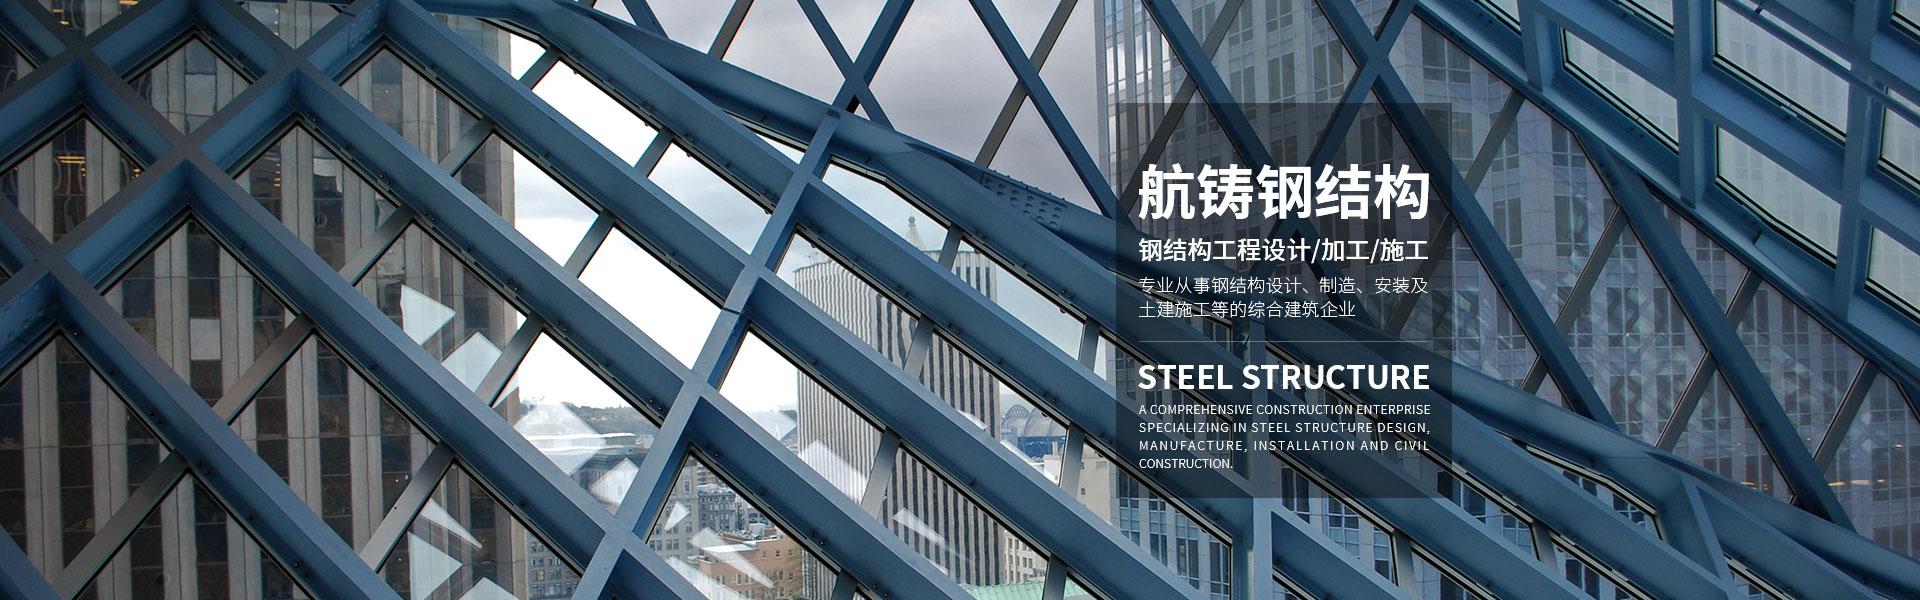 重庆钢结构施工